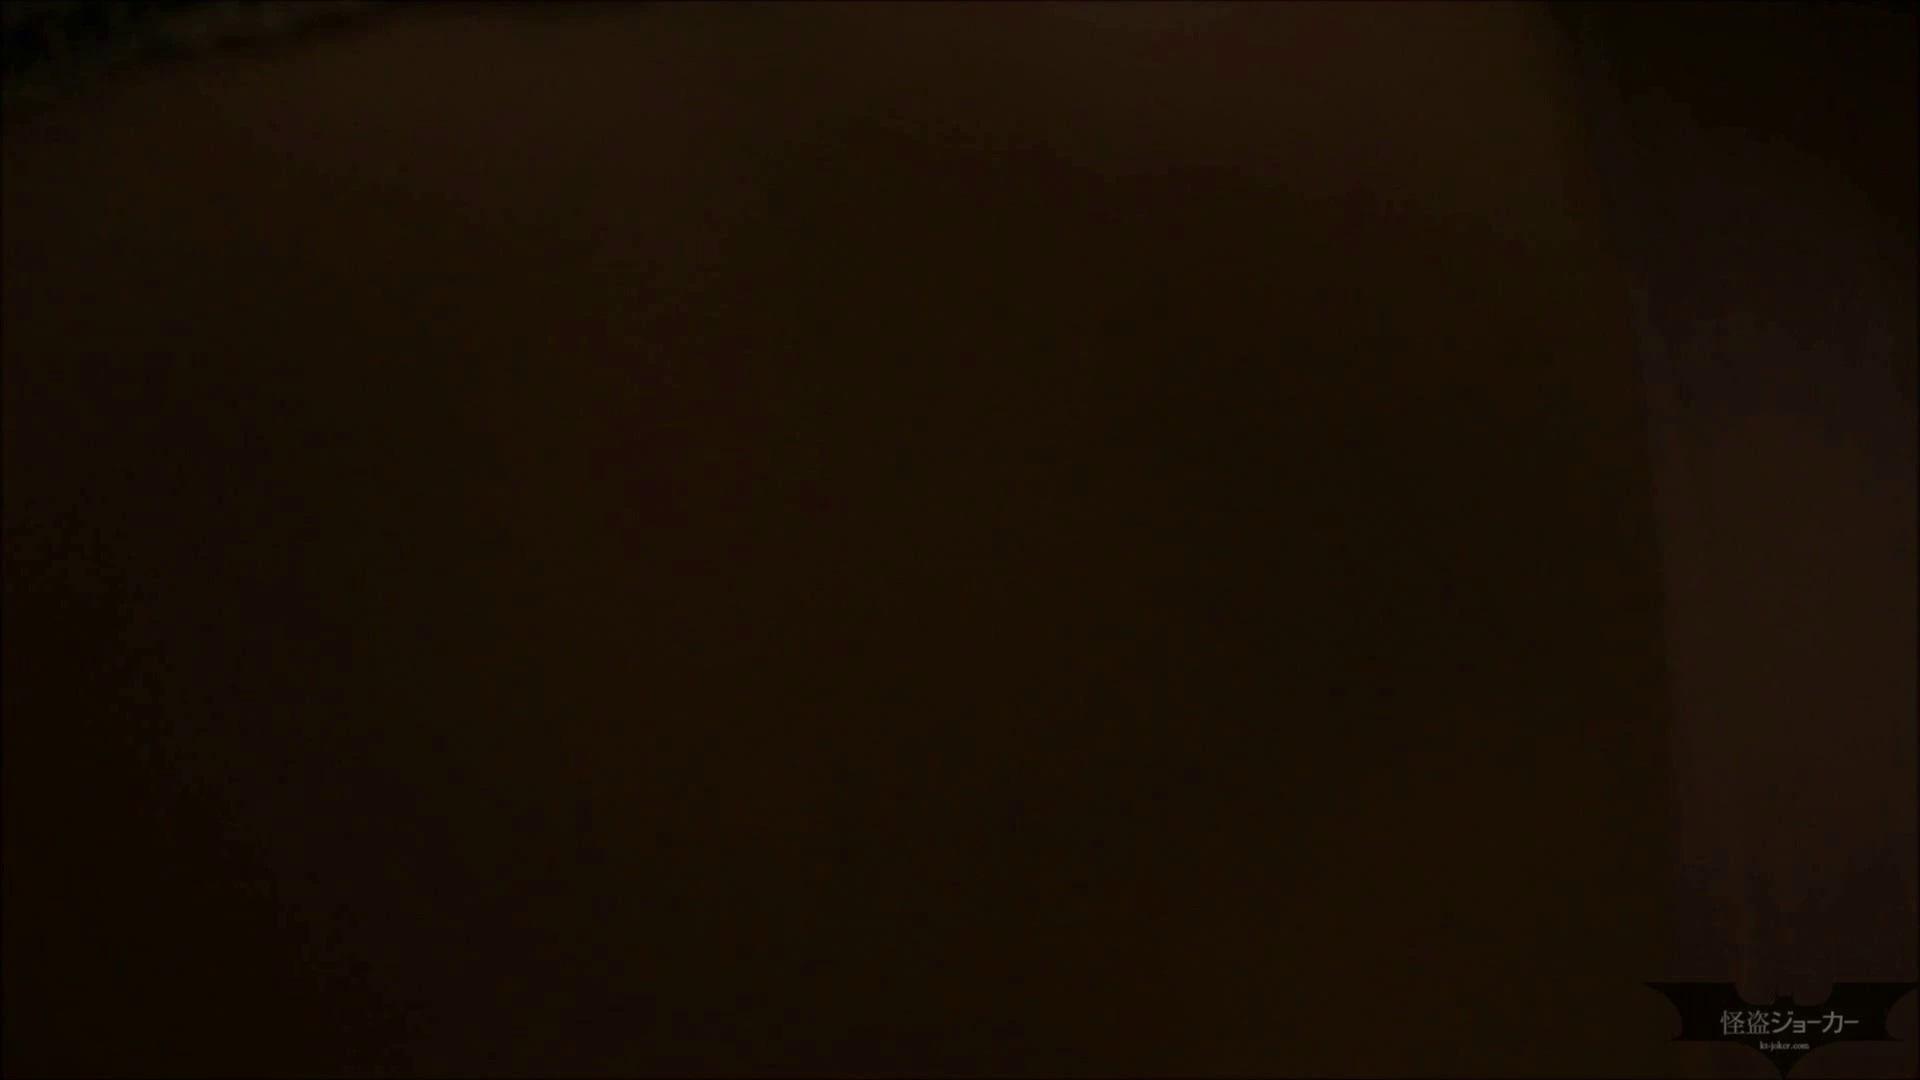 【未公開】vol.62【ユリナ】妊婦だったこの時、友人と共に母子をヤる。 美肌 エロ無料画像 107枚 16